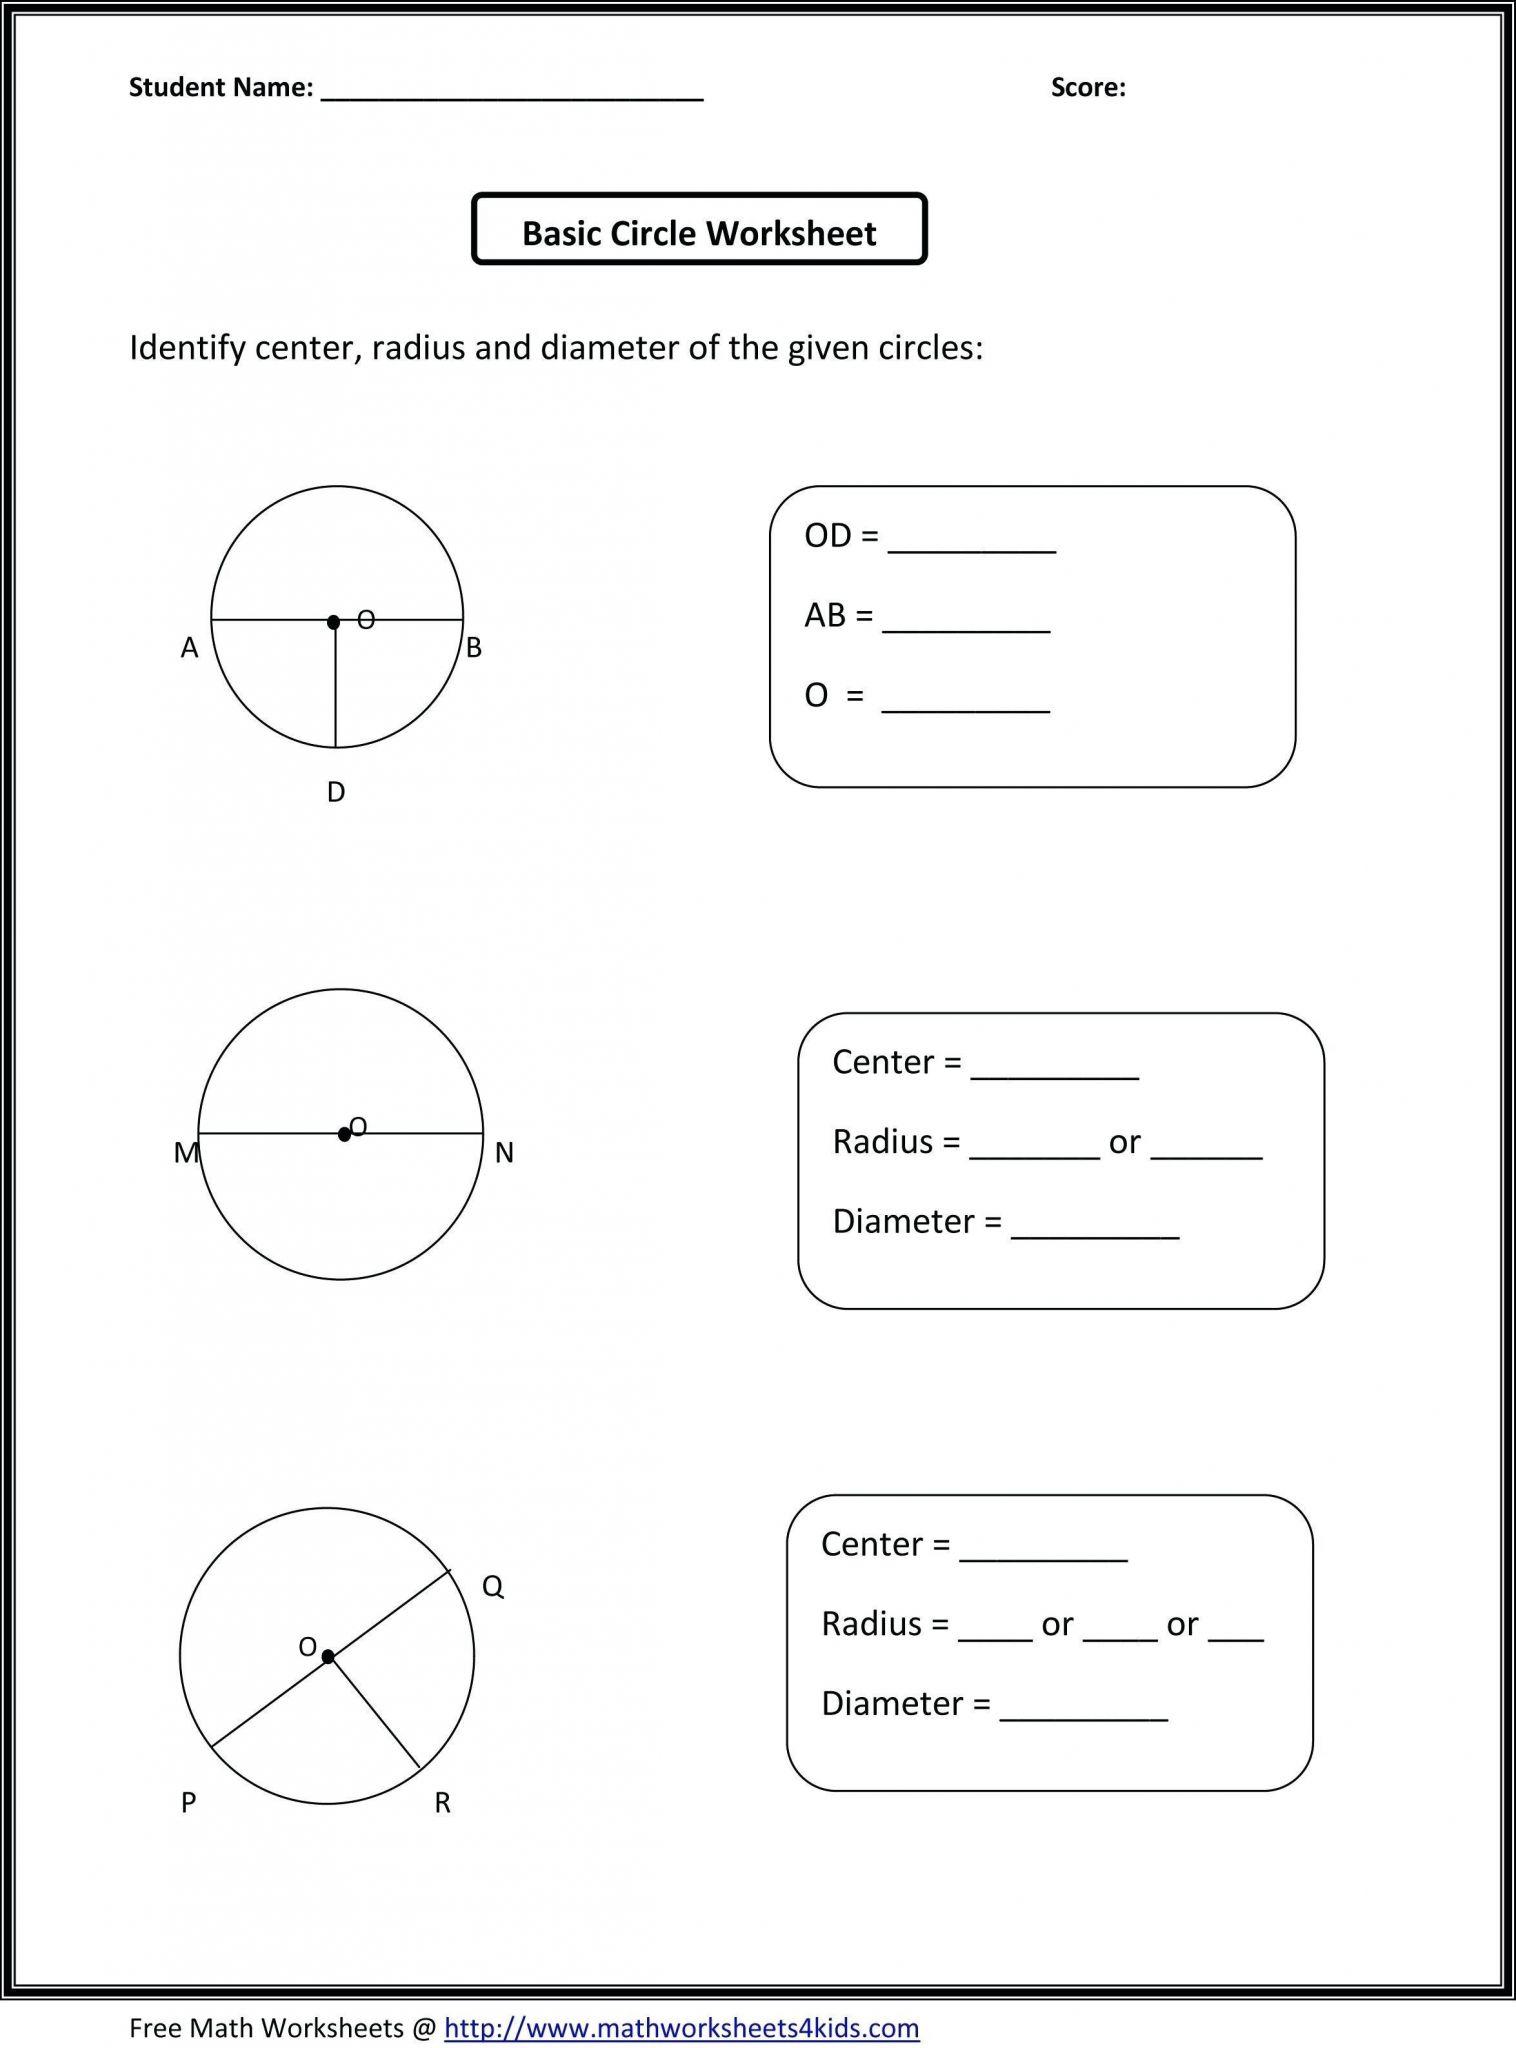 Mitosis Worksheet Matching